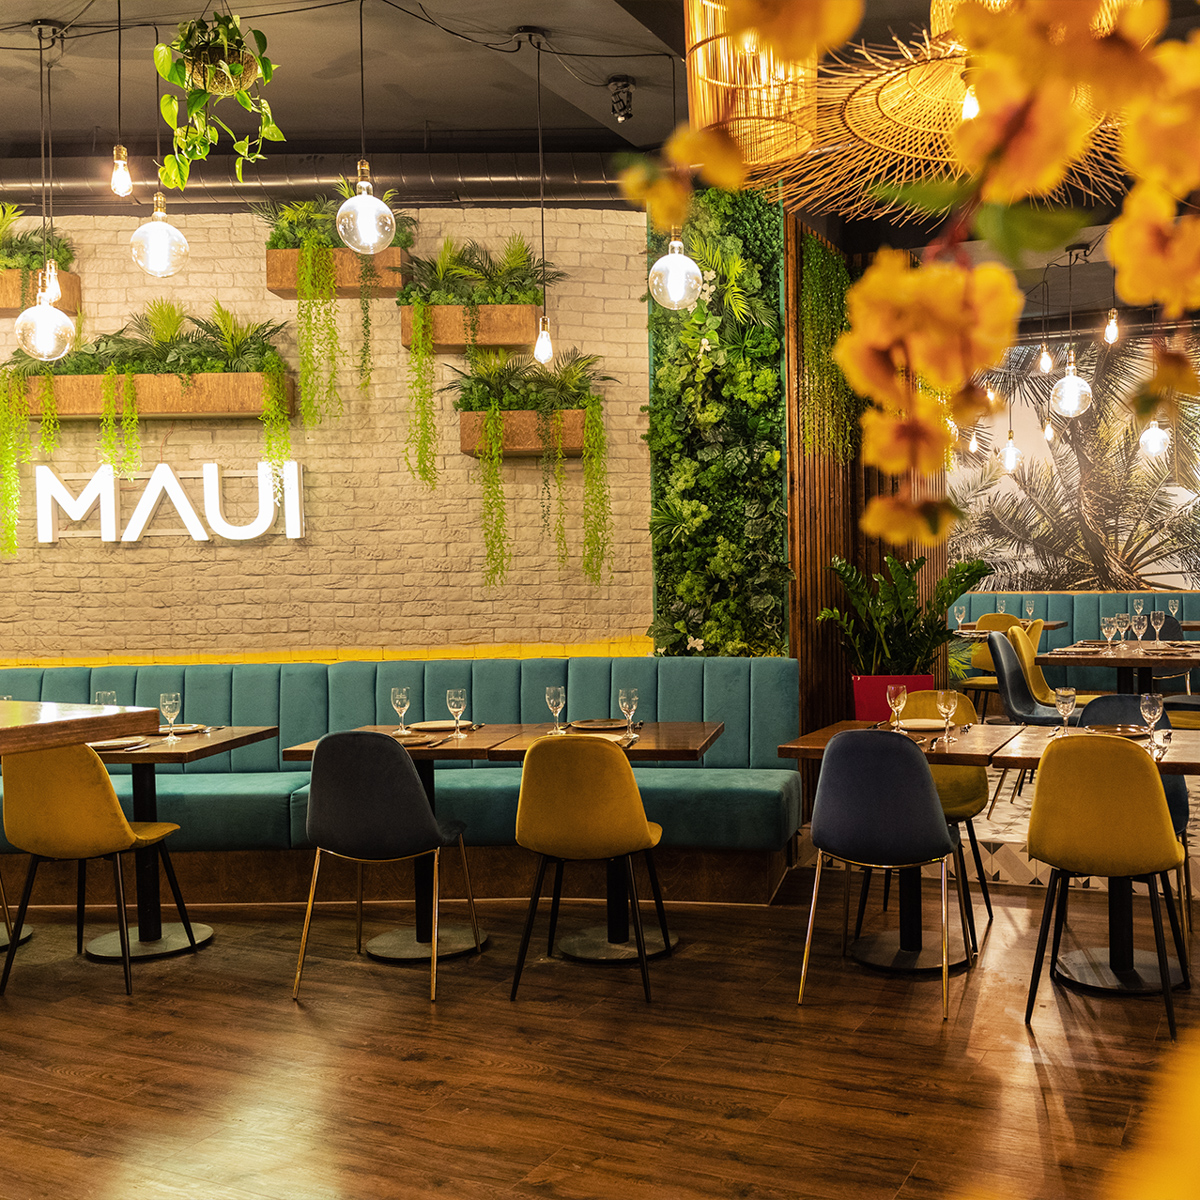 Restaurant in Maui -Neuhausen-6